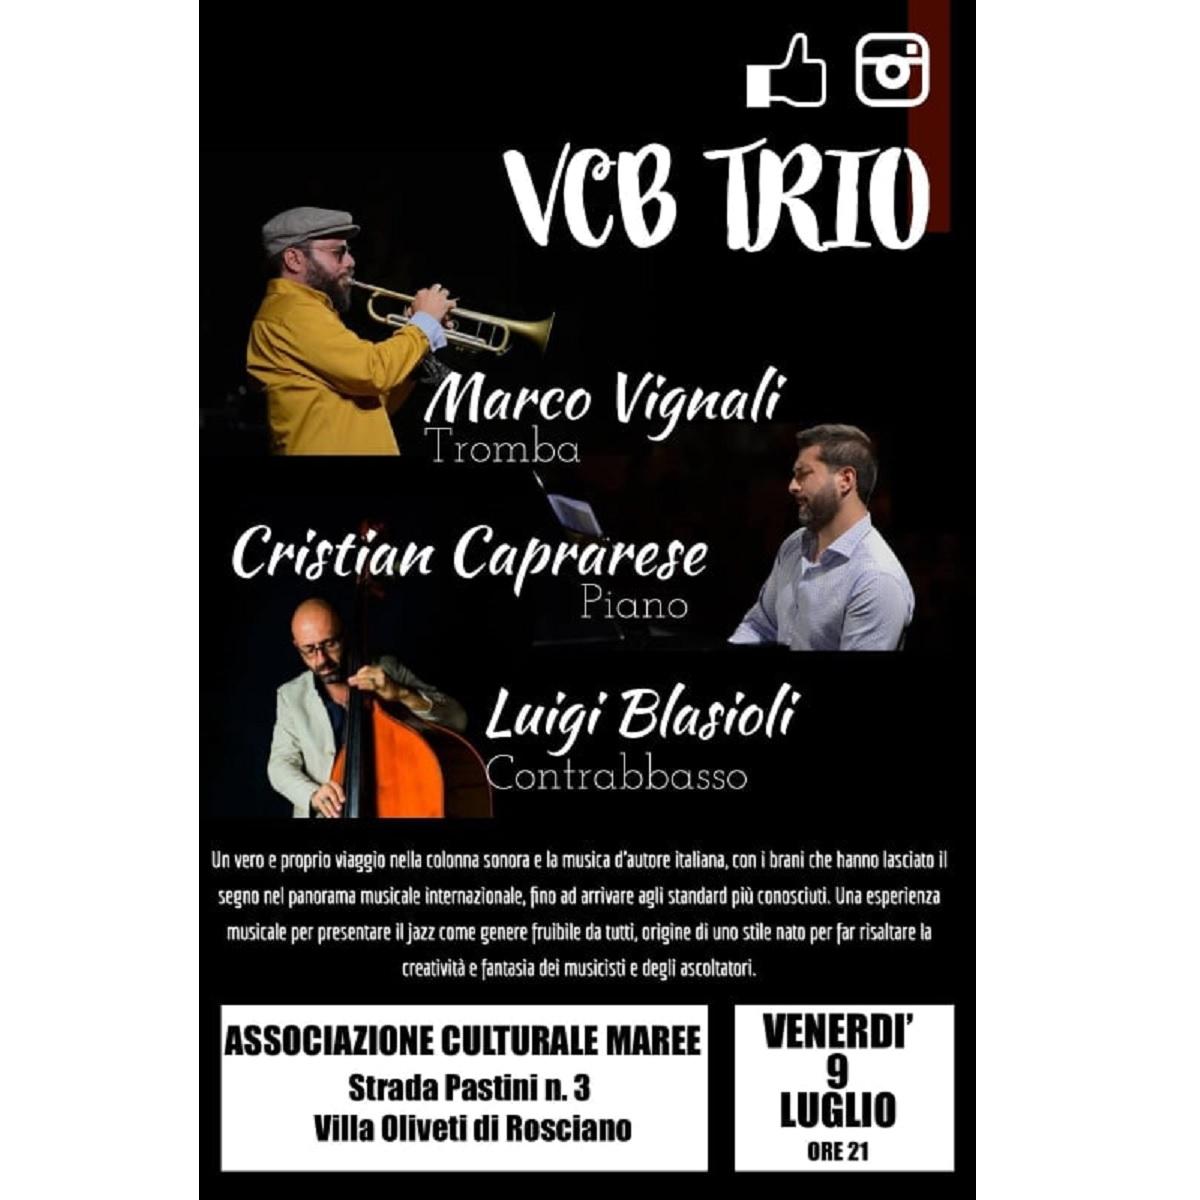 VCB Trio in concerto venerdì 9 luglio 2021 foto